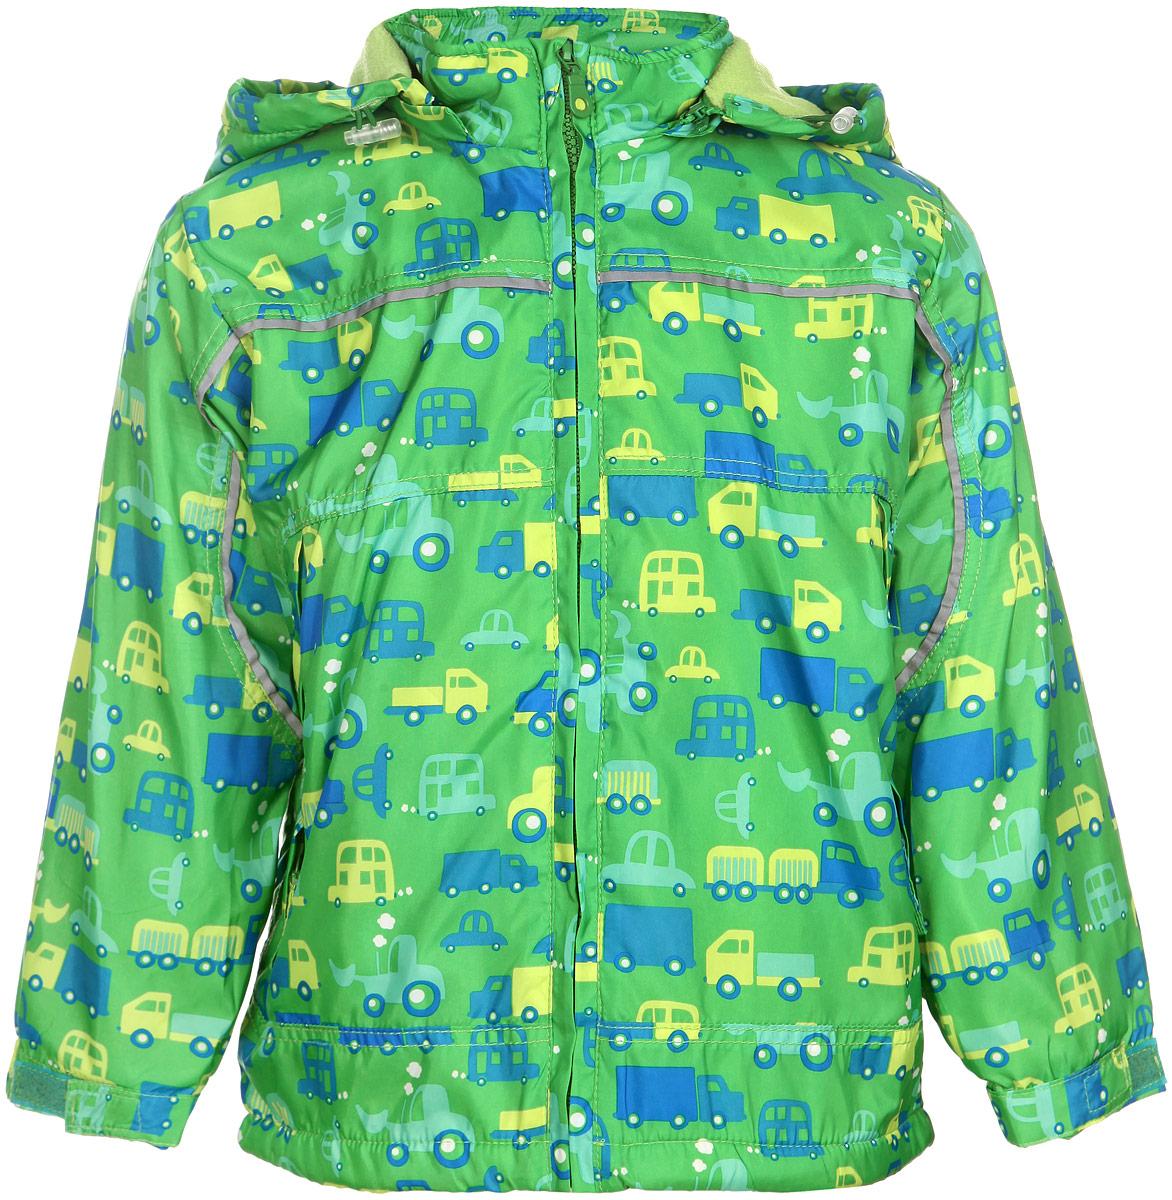 Куртка для мальчика M&D, цвет: зеленый. 111525R-13. Размер 116111525R-13Яркая куртка для мальчика M&D идеально подойдет для ребенка в прохладное время года. Она выполнена из полиэстера и дополнена мягкой и теплой флисовой подкладкой.Куртка с воротником-стойкой застегивается на удобную застежку-молнию. Съемный капюшон фиксируется при помощи молнии, его объем регулируется при помощи эластичного шнурка со стопперами. Рукава оснащены широкими эластичными резинками, не стягивающими запястья, и хлястиками на липучках. Низ модели дополнен скрытым эластичным шнурком со стопперами. По бокам курточка дополнена двумя втачными кармашками на застежках-молниях. Изделие оформлено красочным принтом с изображением автомобилей и дополнена светоотражающими полосками. В такой куртке ваш маленький мужчина будет чувствовать себя комфортно, уютно и всегда будет в центре внимания!